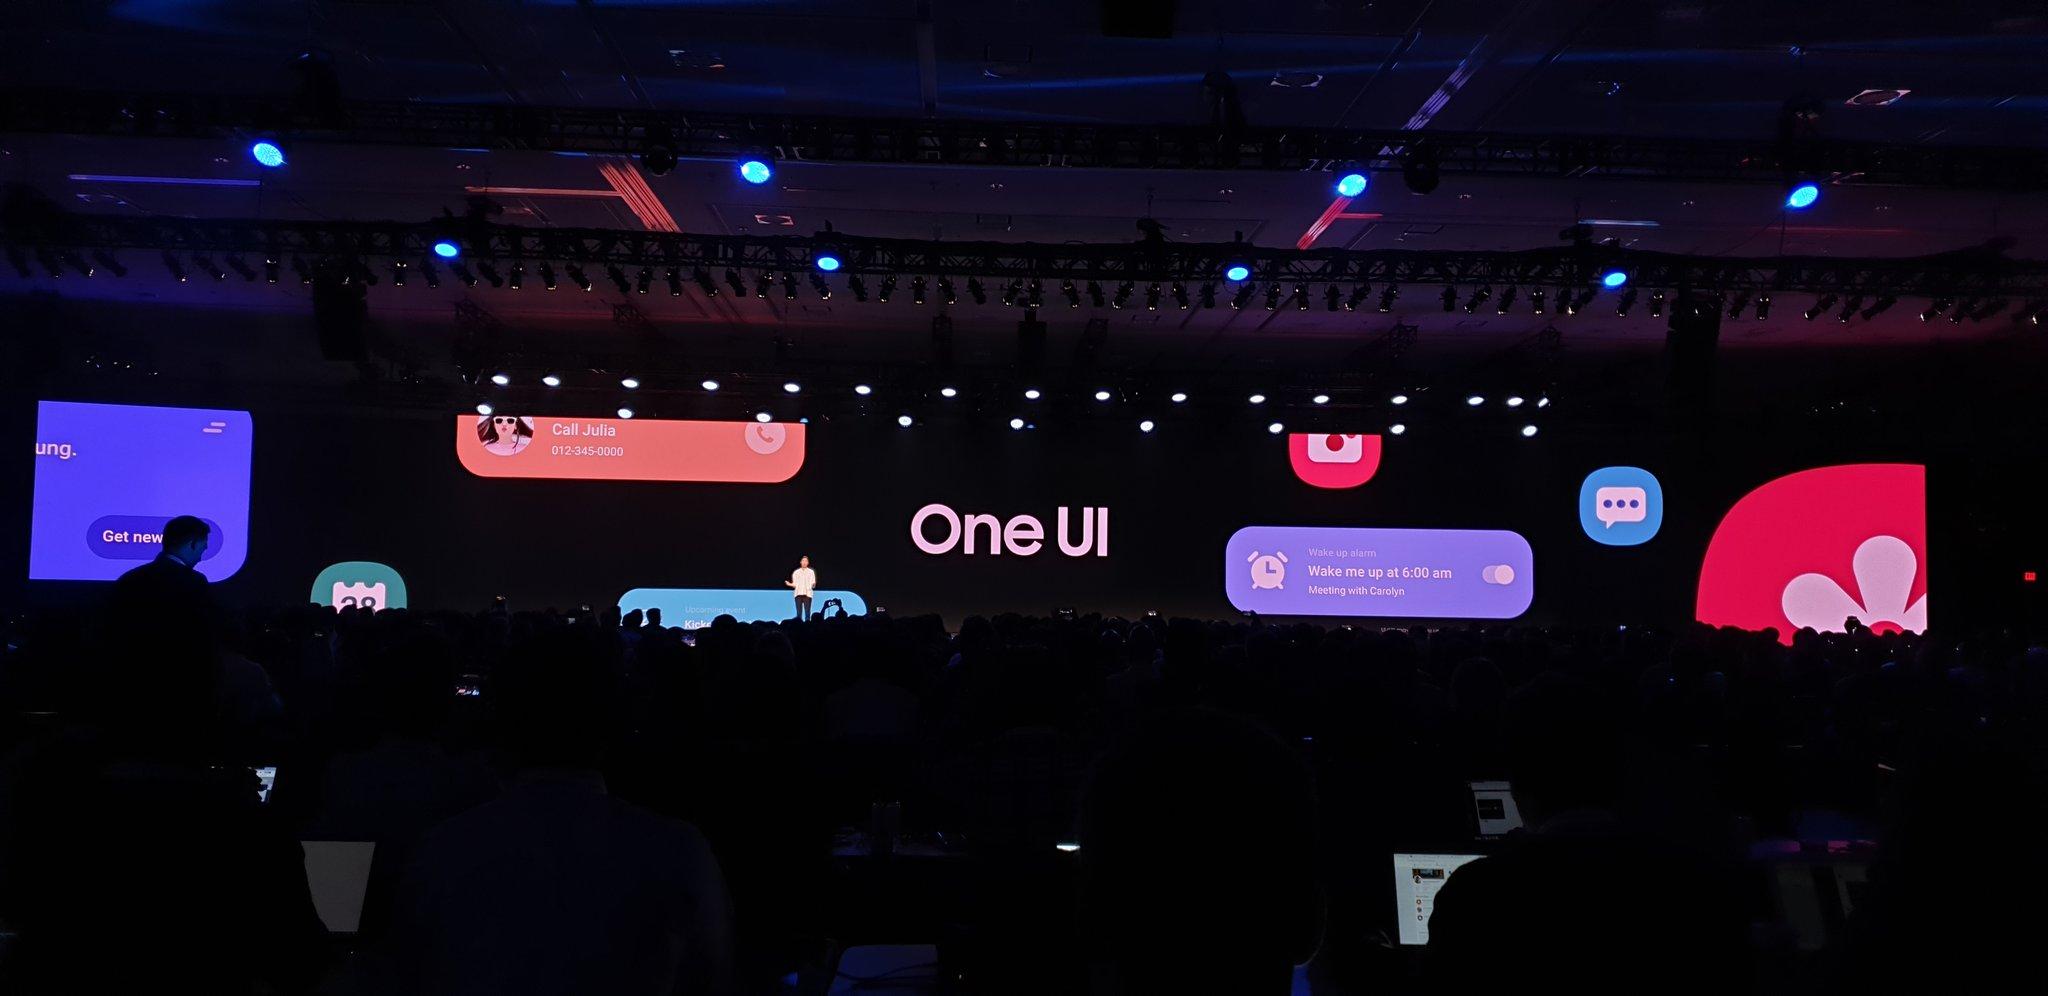 تغییر نام رابط کاربری سامسونگ به One UI